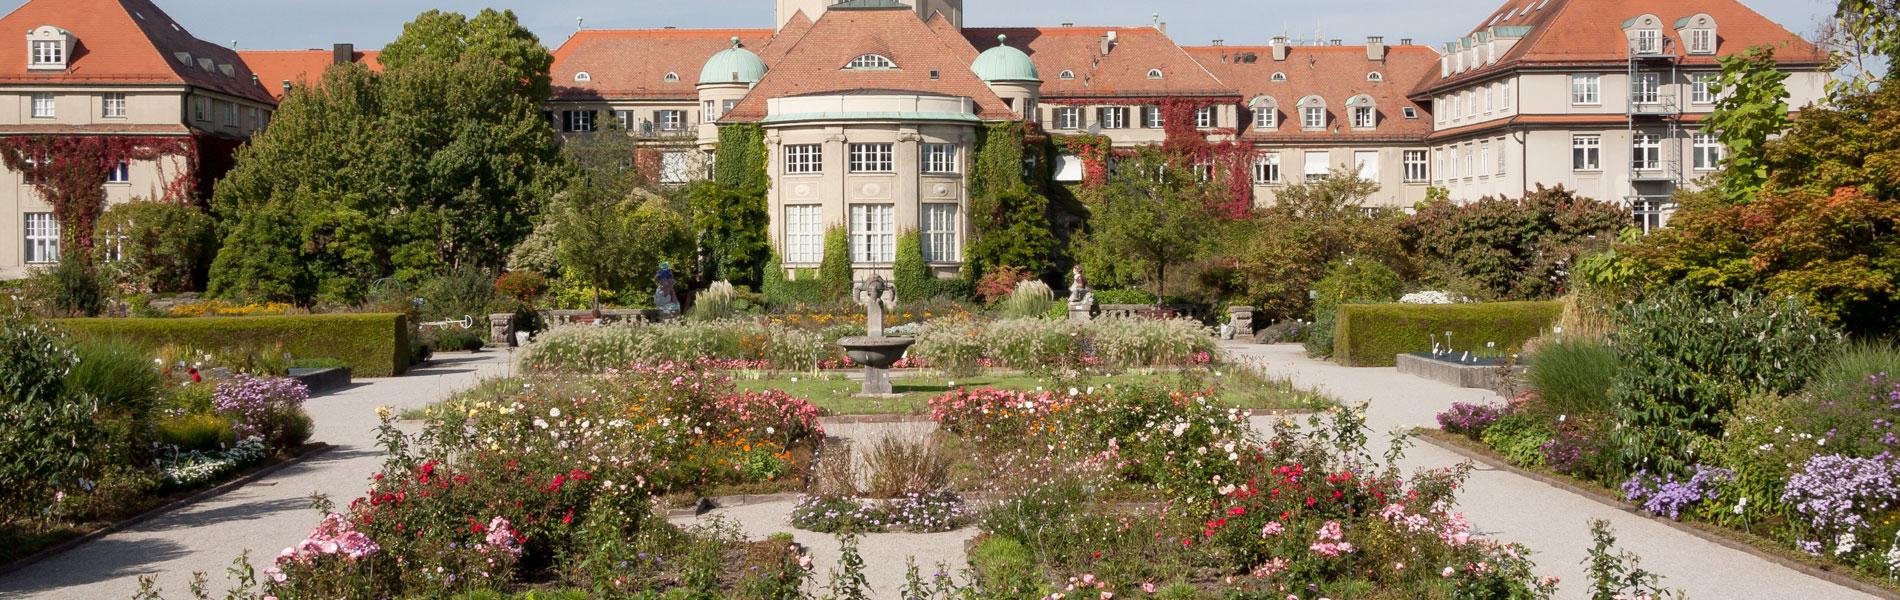 Il giardino o orto botanico hortus botanicus for Giardino orto botanico firenze